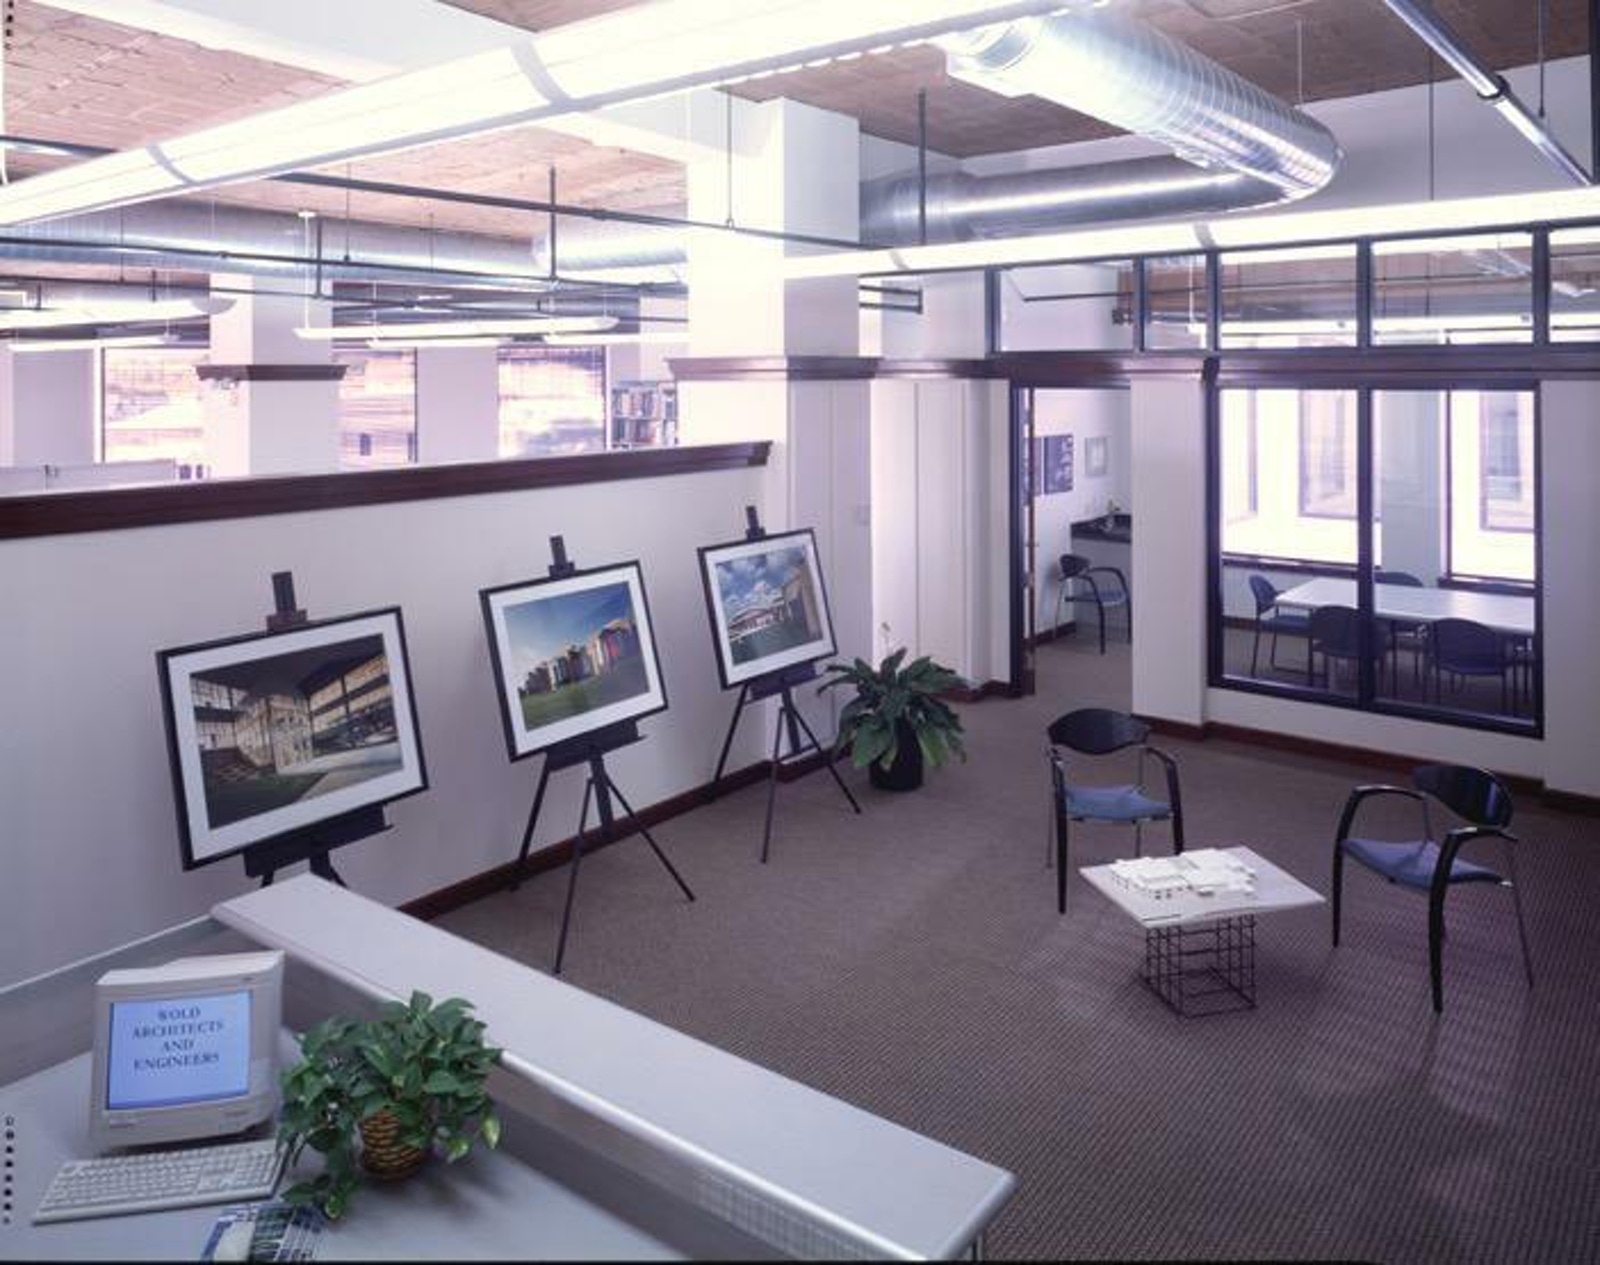 1996 Illinois Office